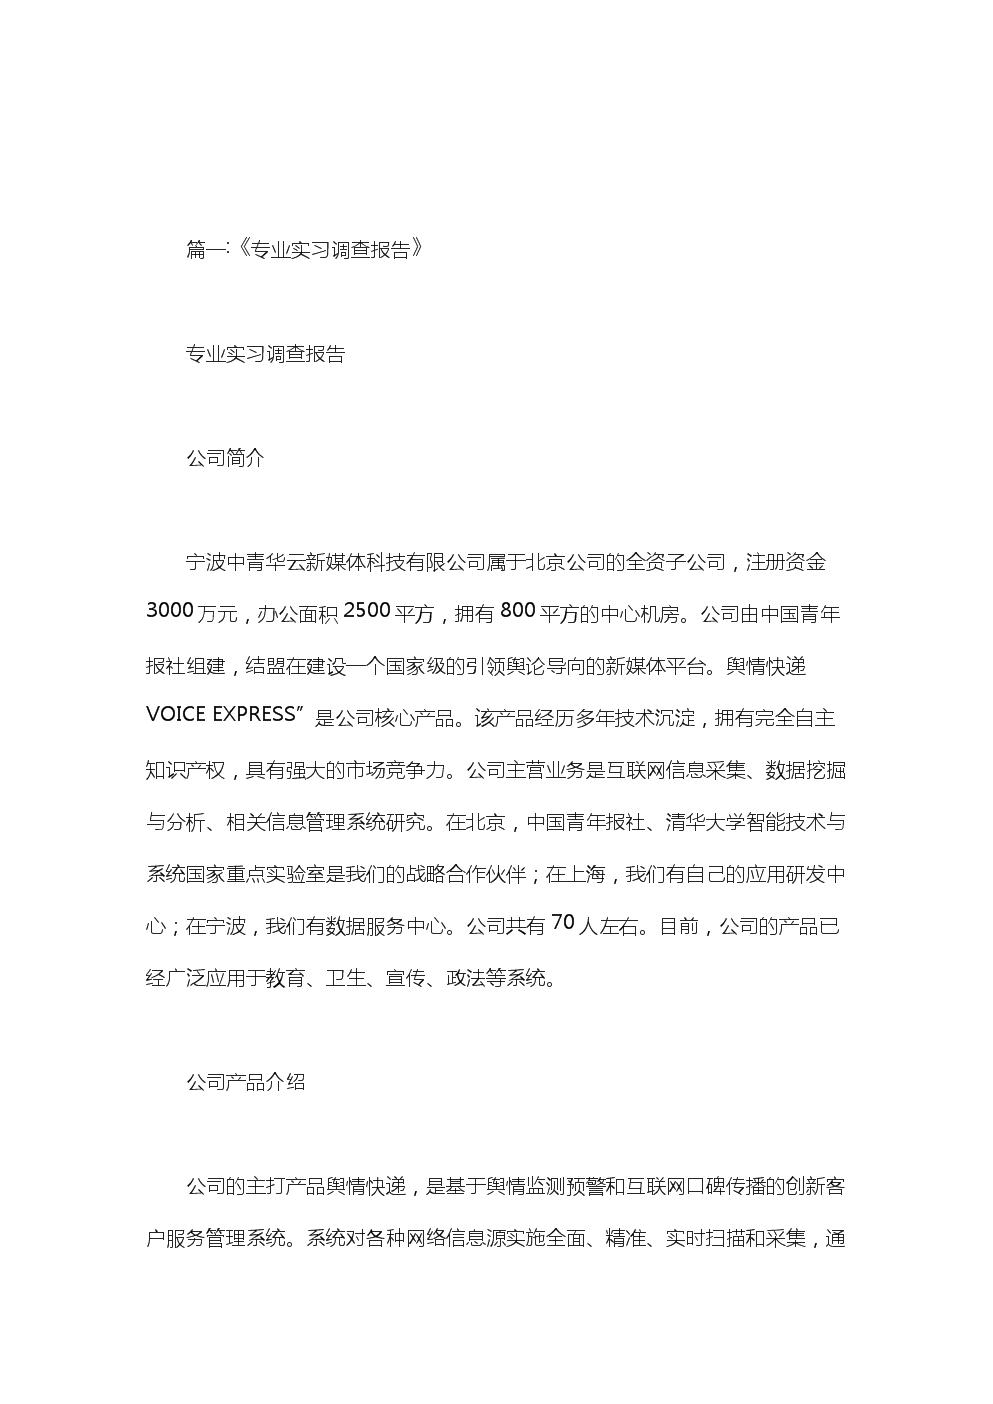 专业实习调查报告怎么写范文.doc